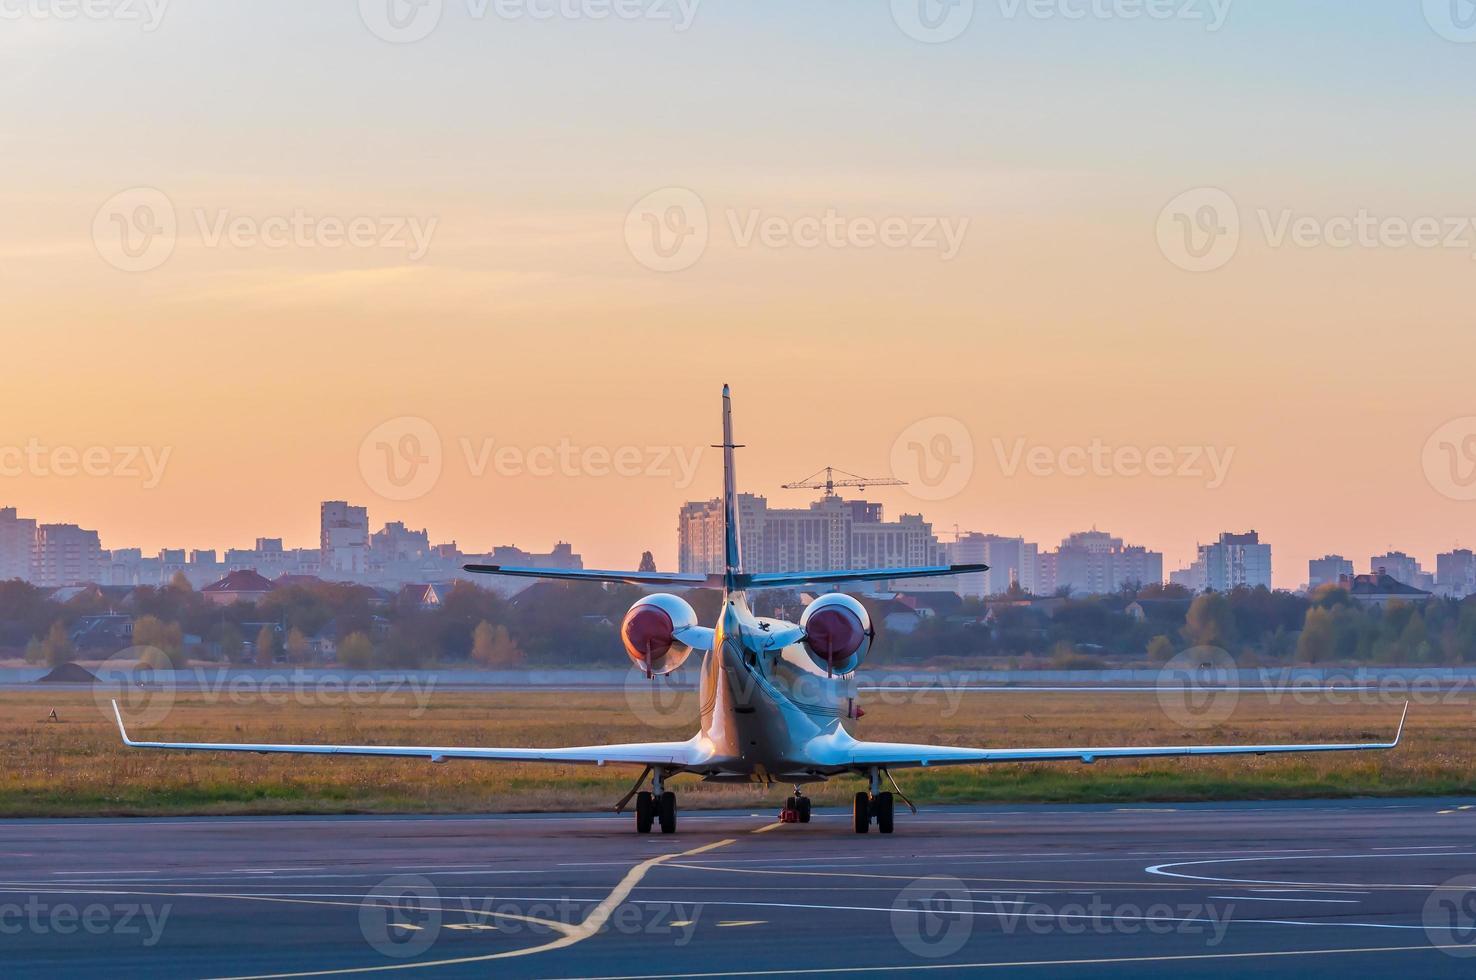 Business Jet auf dem Vorfeld für Flugzeuge. das Flugzeug gegen foto